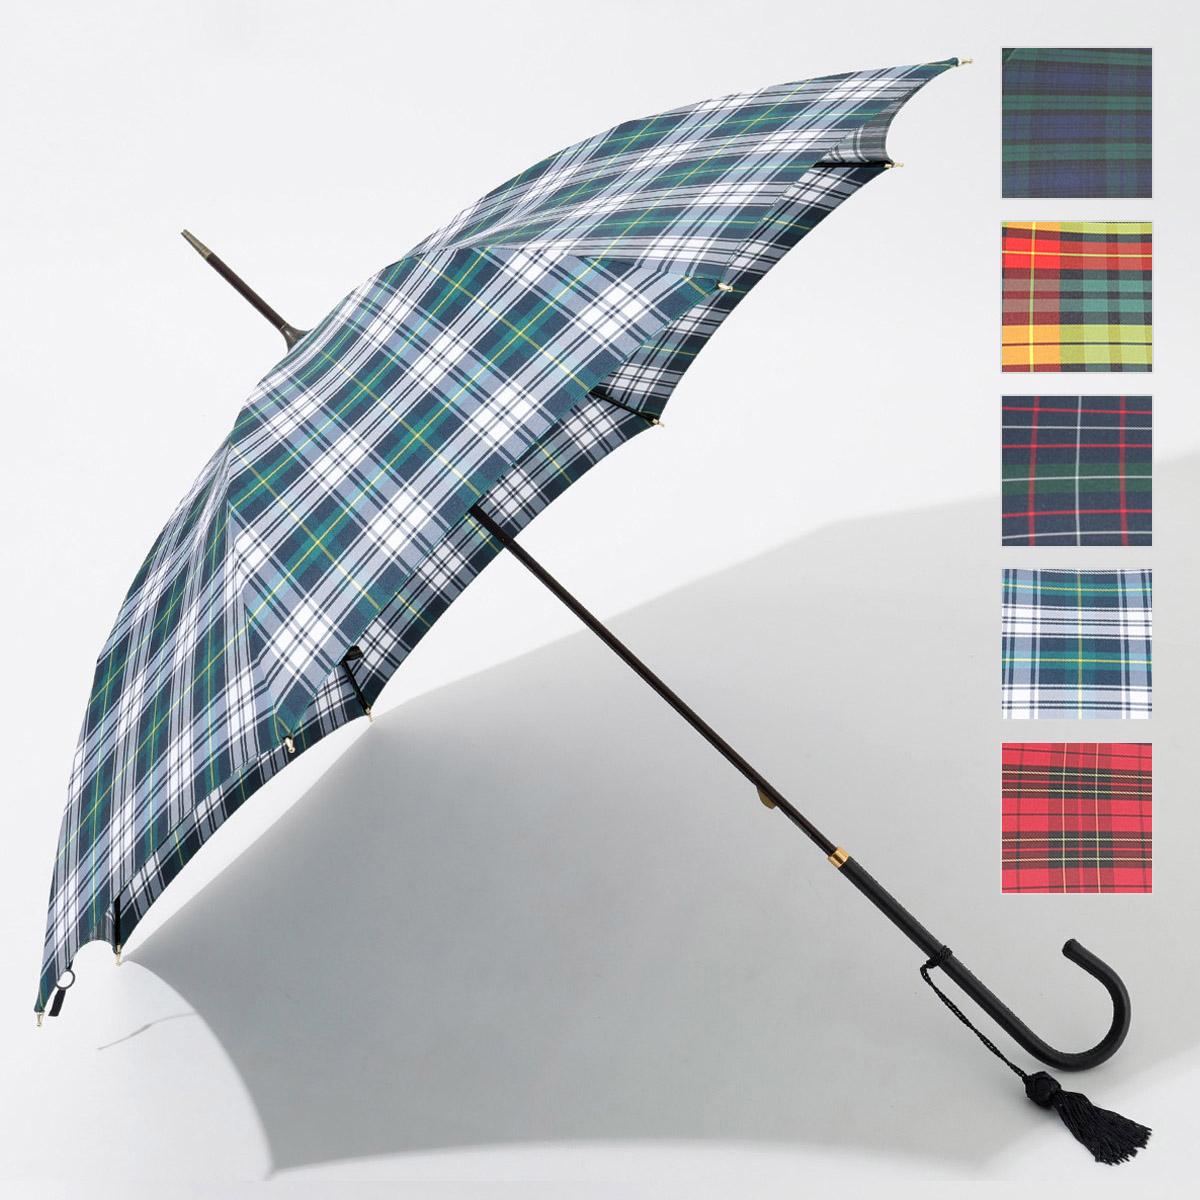 FOX UMBRELLAS フォックスアンブレラ WL1 SLIM LEATHER CROOK チェック柄 細革巻 ハンドル 雨傘 パラソル 雨具 タッセルチャーム付き カラー5色 レディース